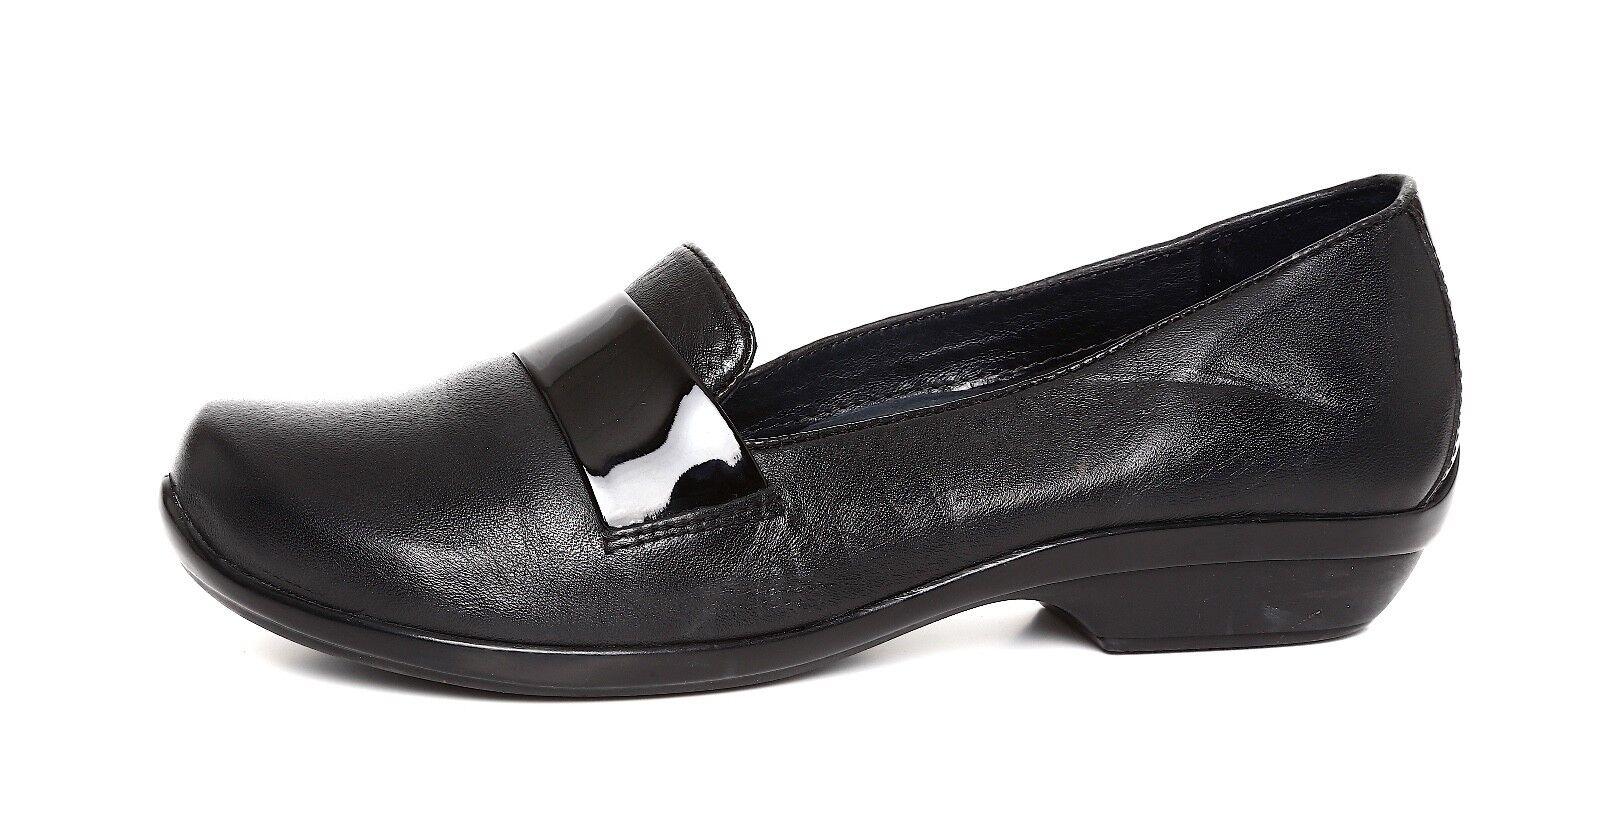 Dansko Oksana Leather 38 Loafer Black Women Sz 38 Leather 55b830